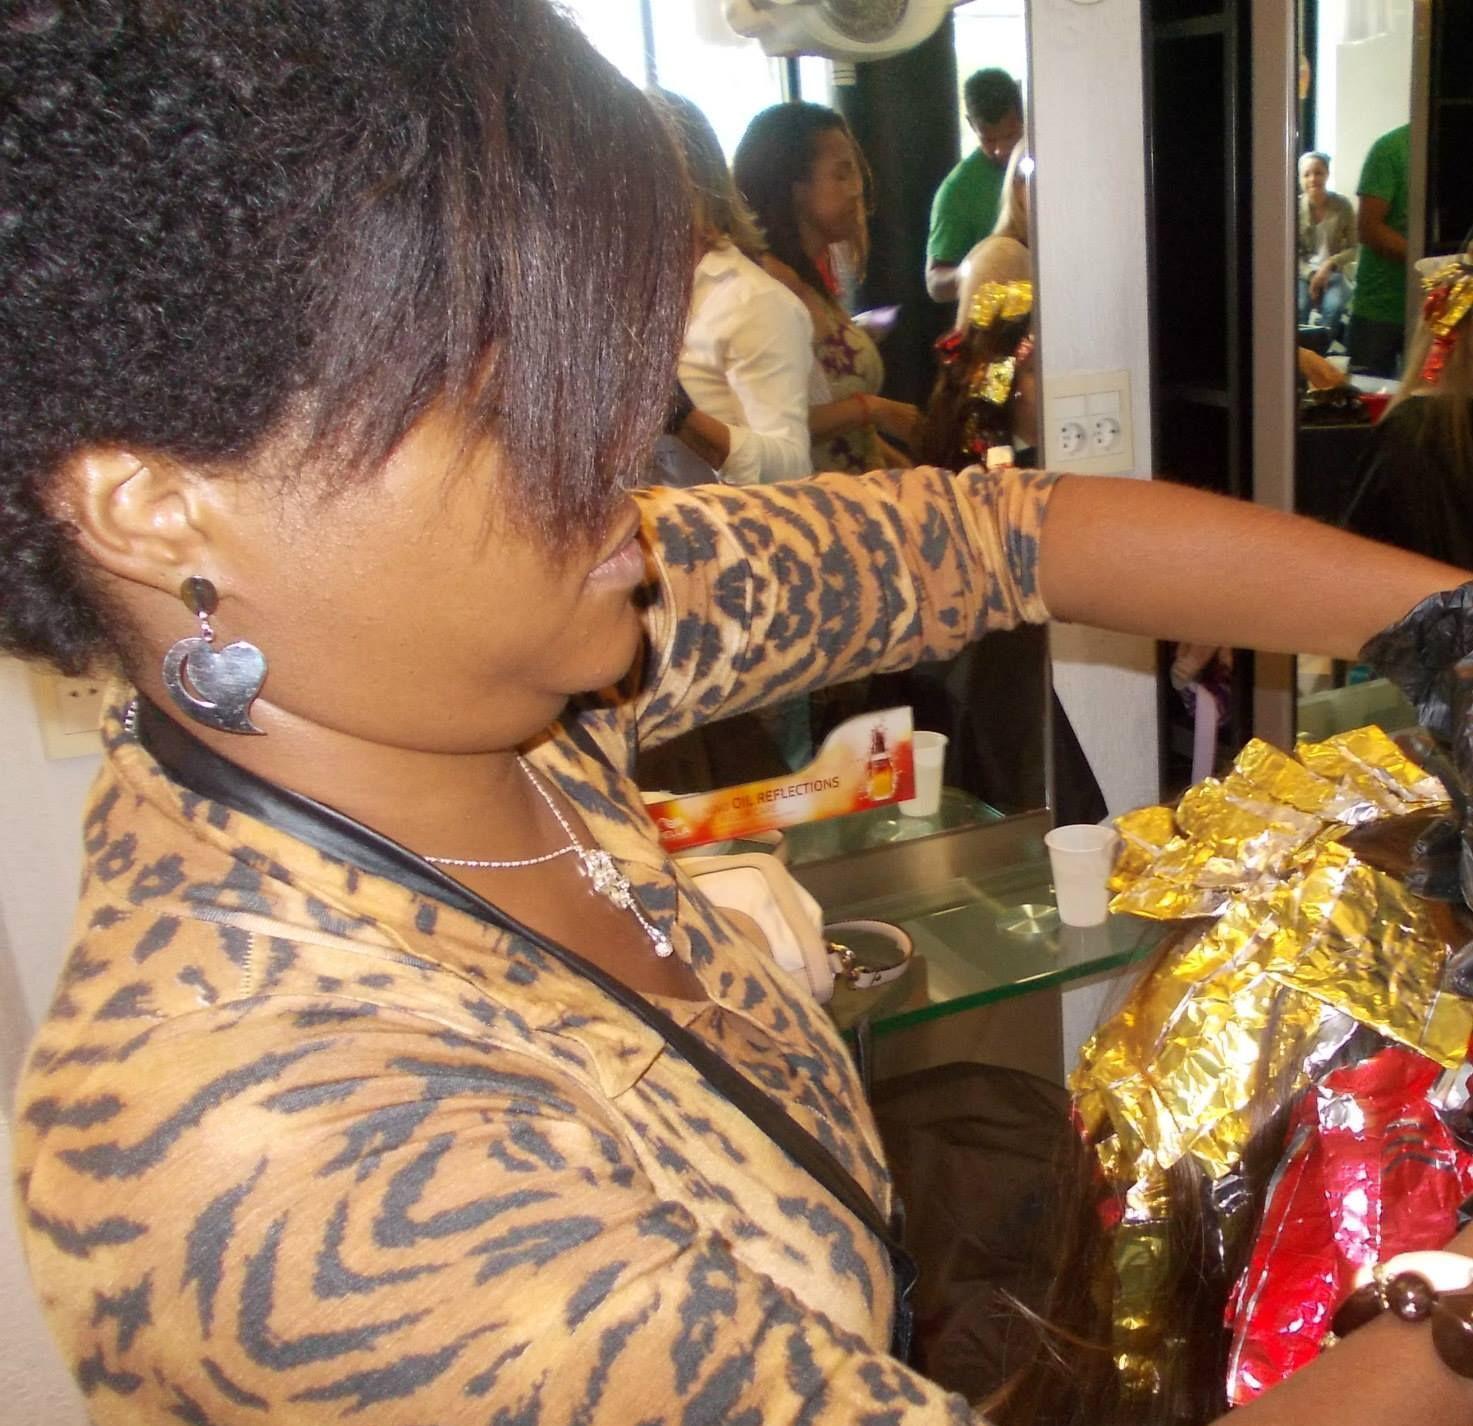 criando trablhando tecnicas artisitcas cabeleireiro(a)